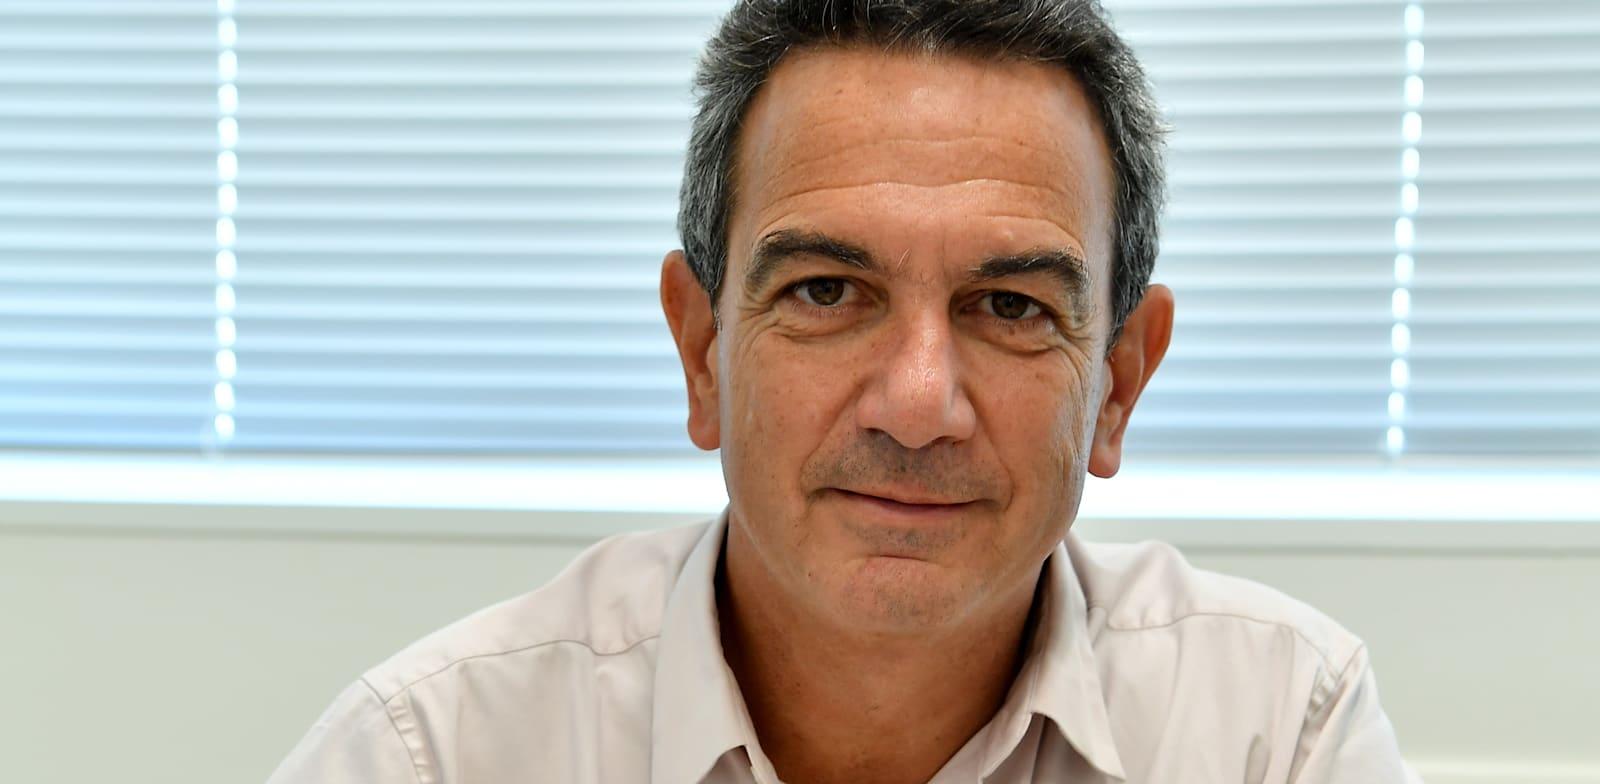 """ד""""ר רון תומר, נשיא התאחדות התעשיינים / צילום: פאול אורלייב"""